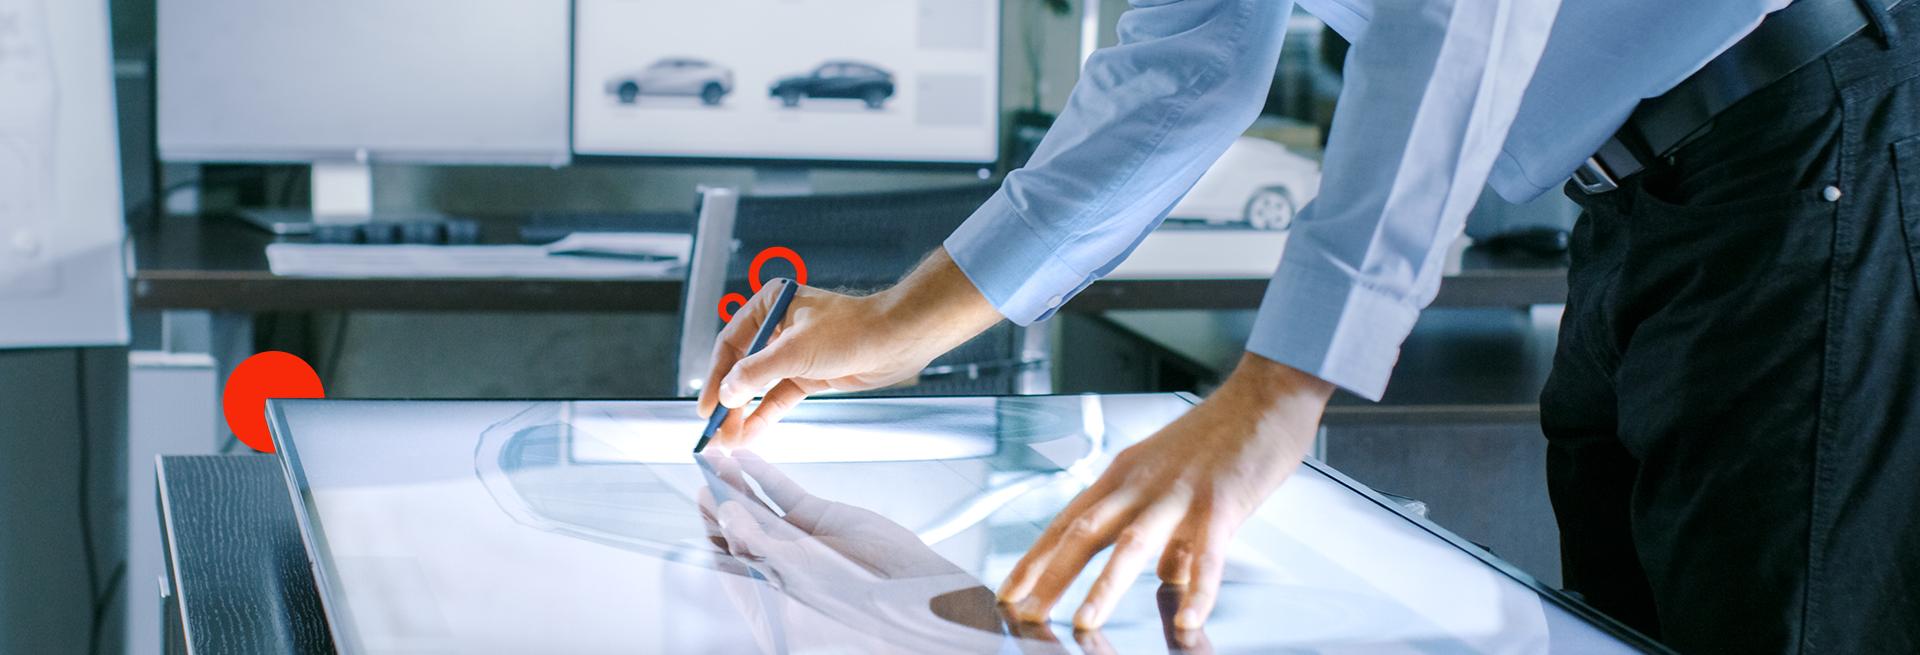 O mercado automotivo está sempre se renovando e algumas previsões que antes pareciam muito distantes já estão se tornando realidade. Confira quais delas!